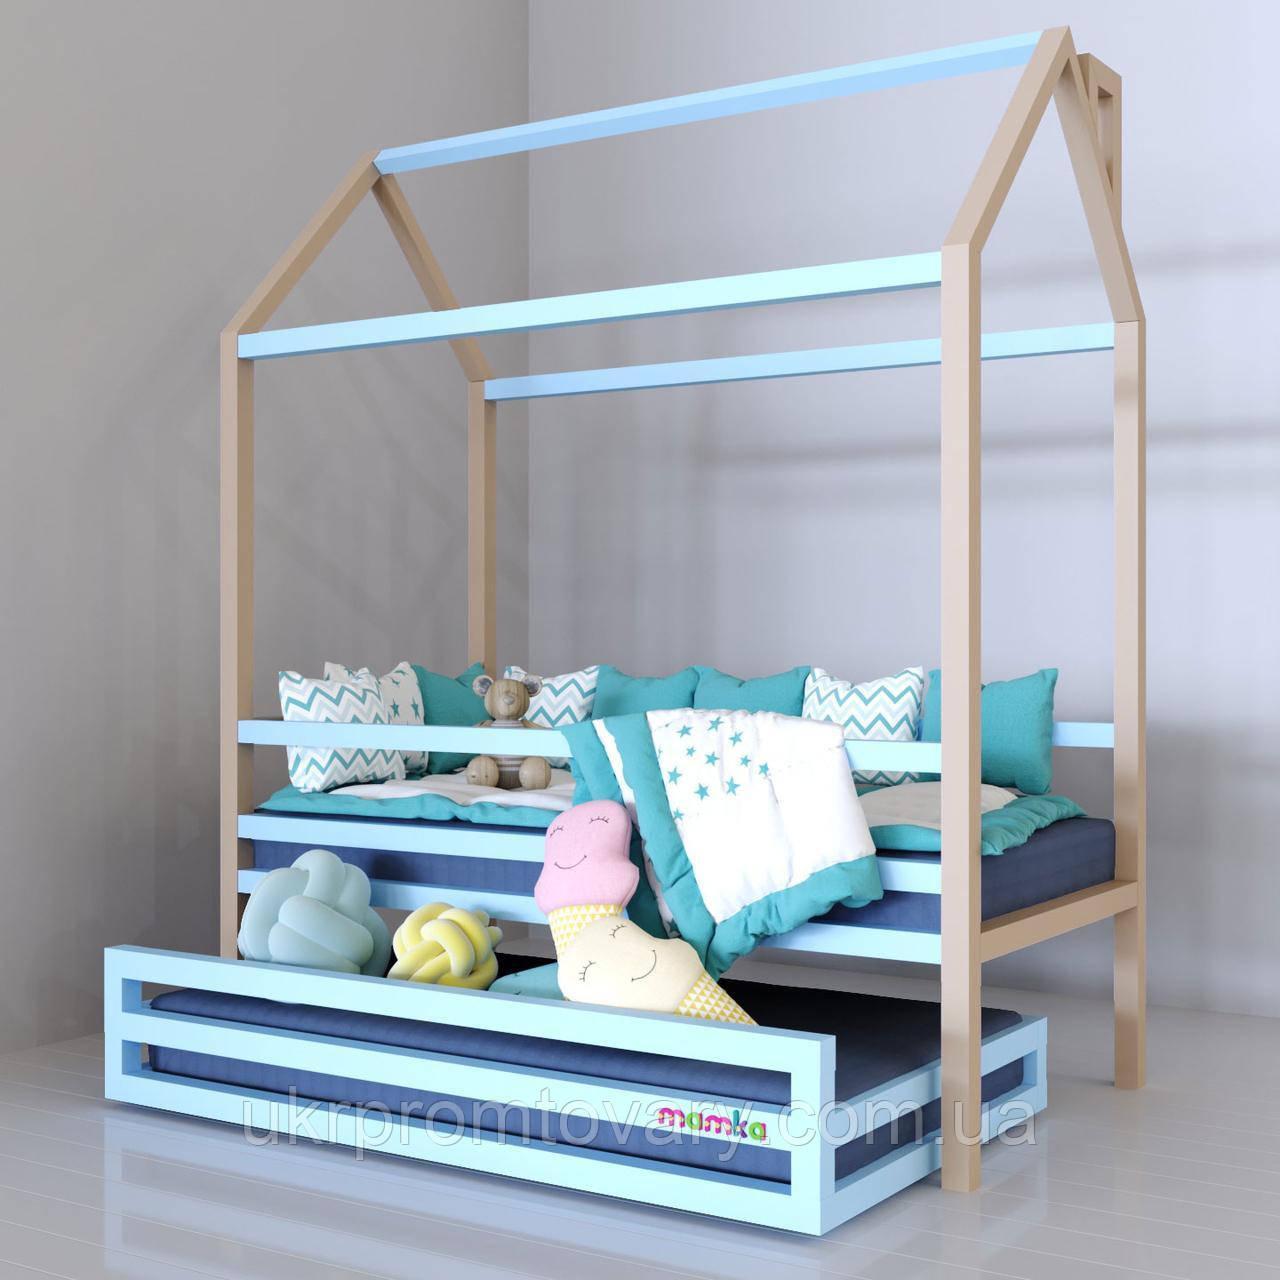 Ліжко-будиночок «Скандинавія» в Києві, натуральне дерево, якість